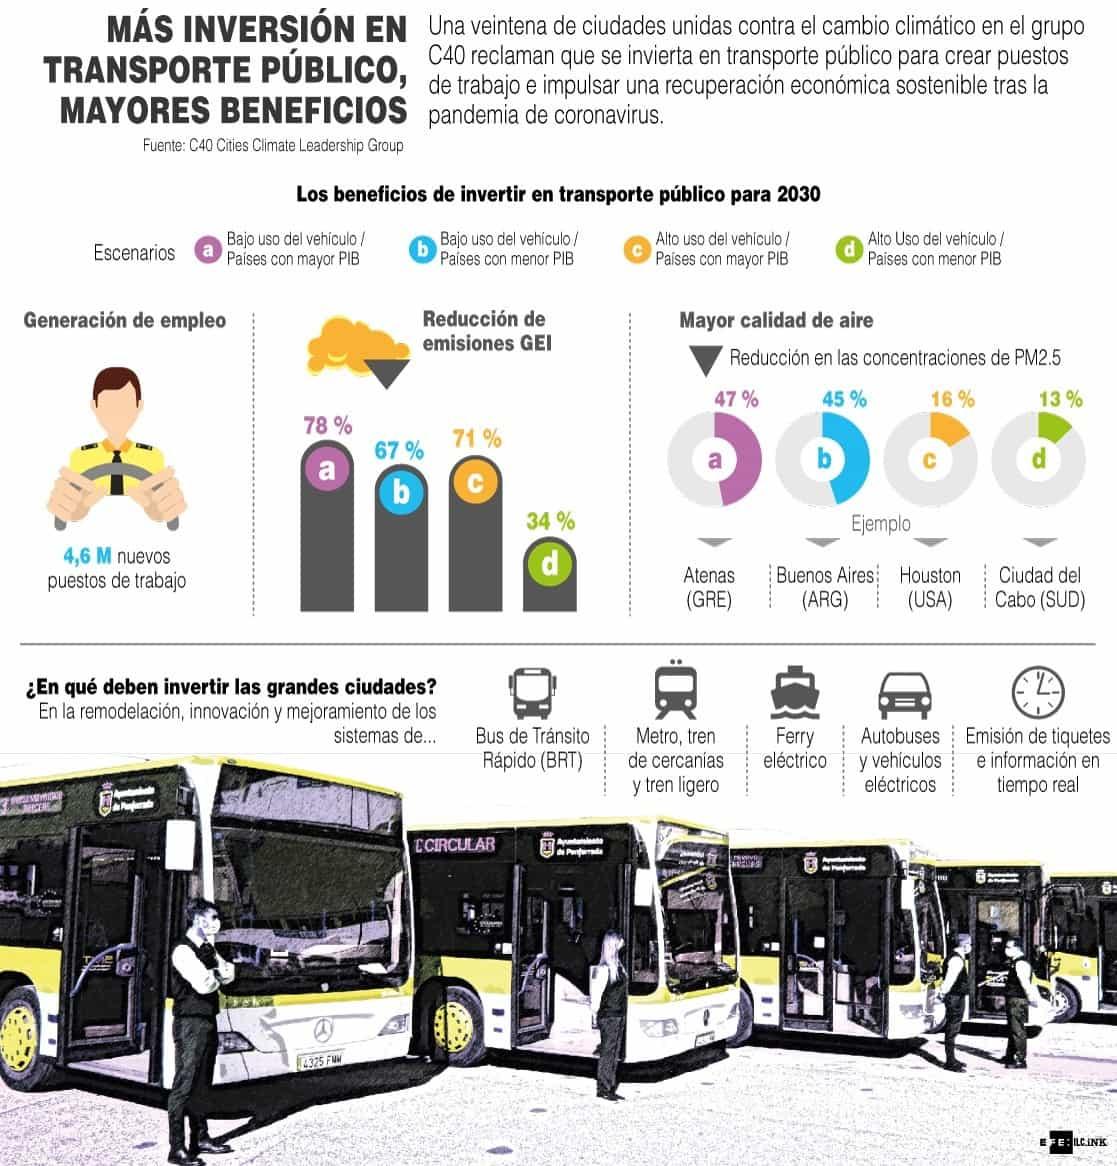 [Infografía] - Una veintena de ciudades unidas contra el cambio climático reclaman que se invierta en transporte público 1